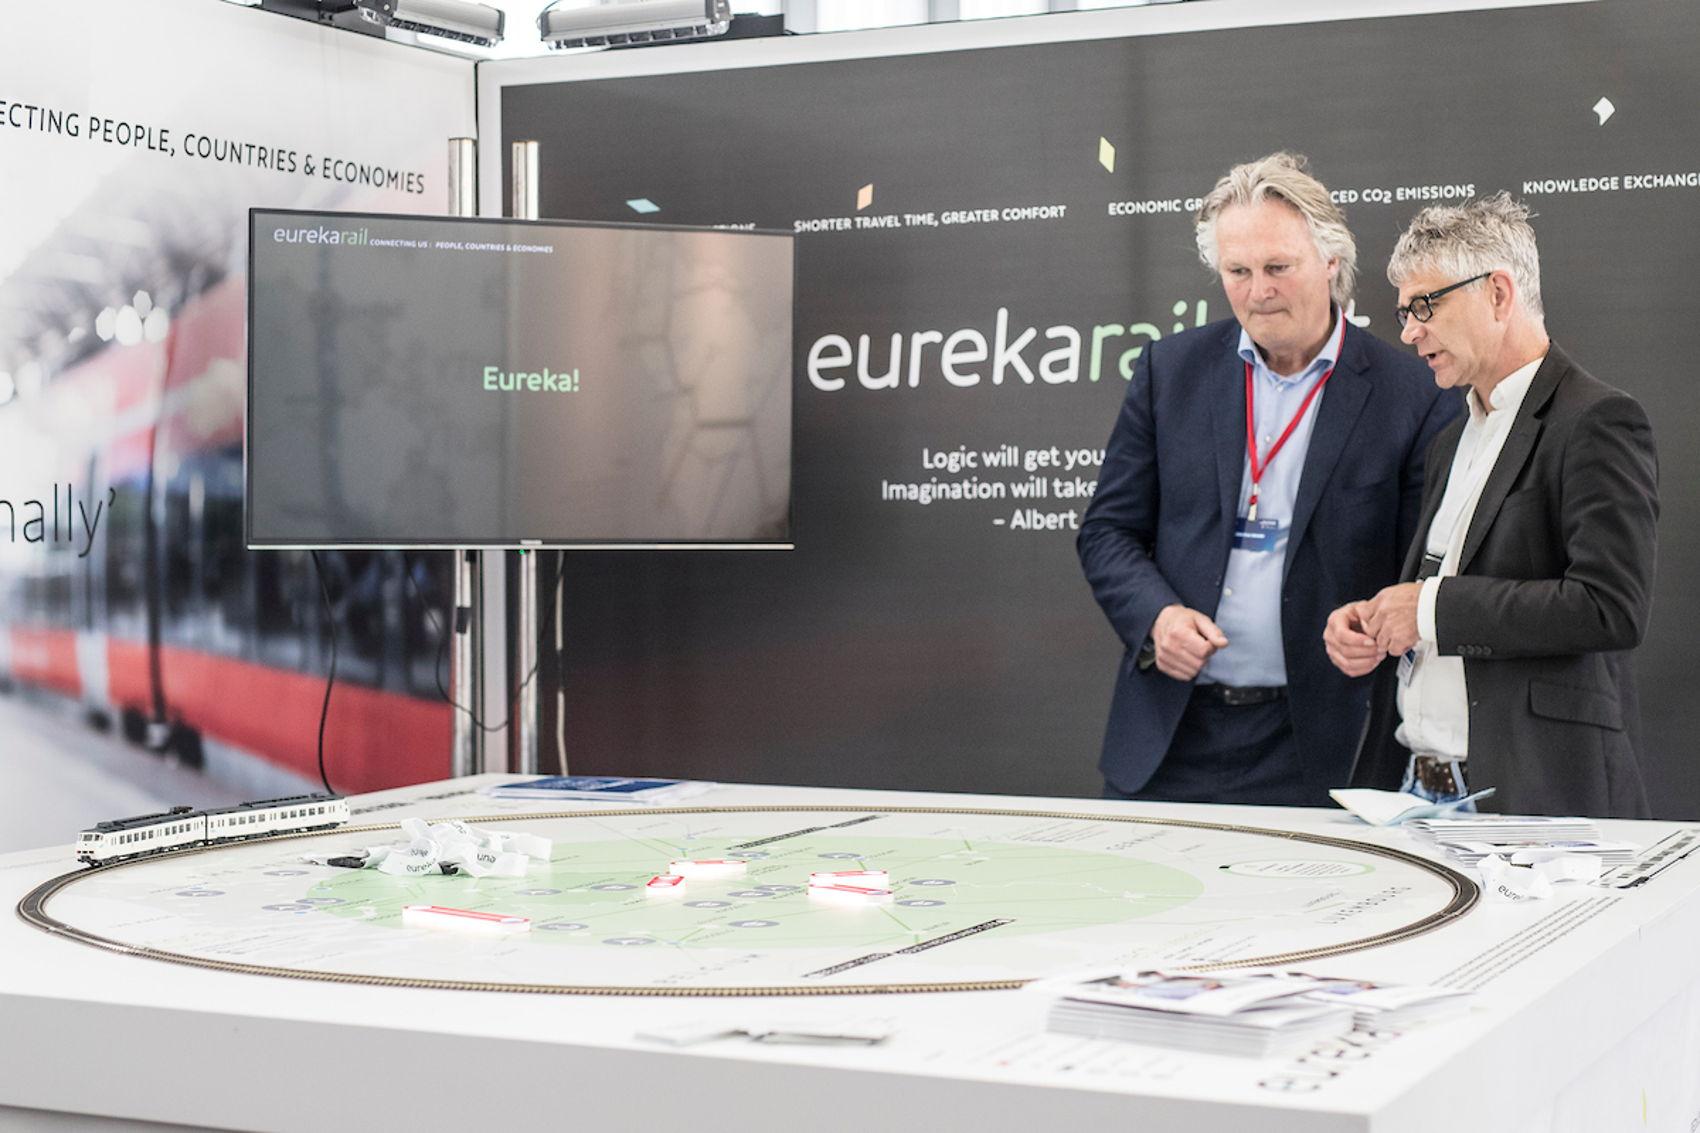 'De trein komt in het hart van de Europese stad'